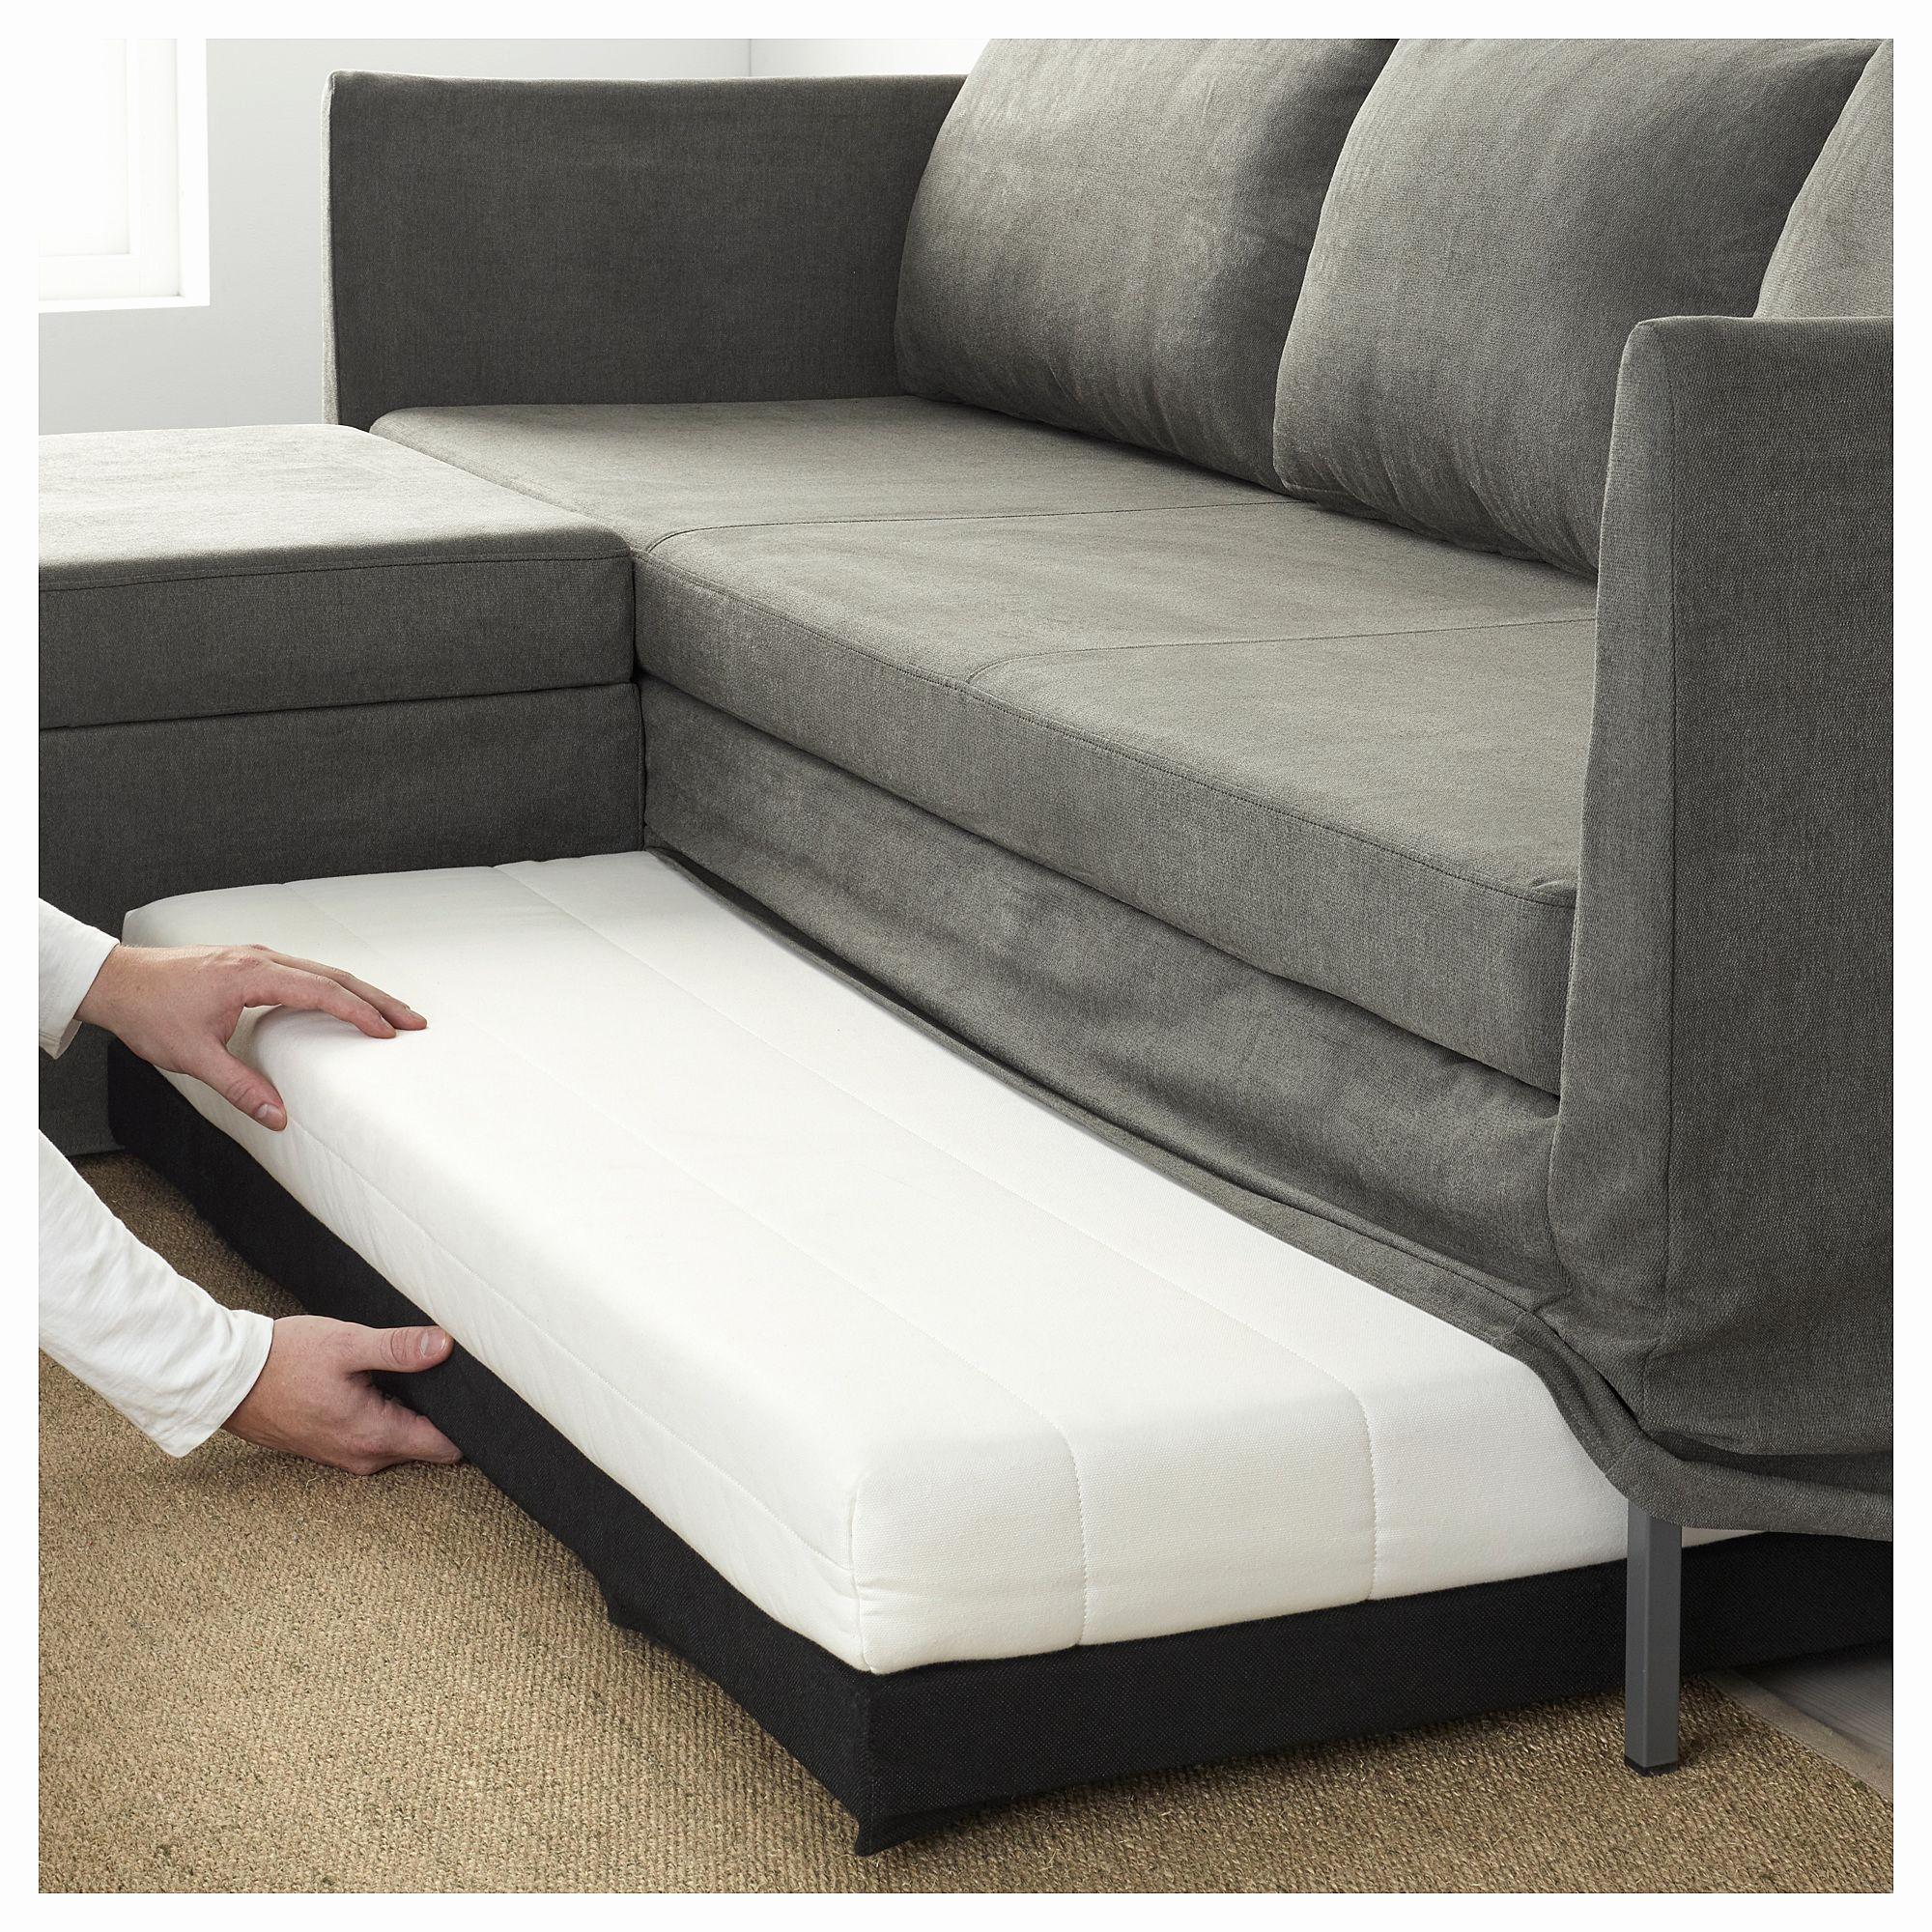 Friheten Ikea Avis Beau Collection 50 Unique Friheten sofa Bed Ikea Reviews Pics 50 S